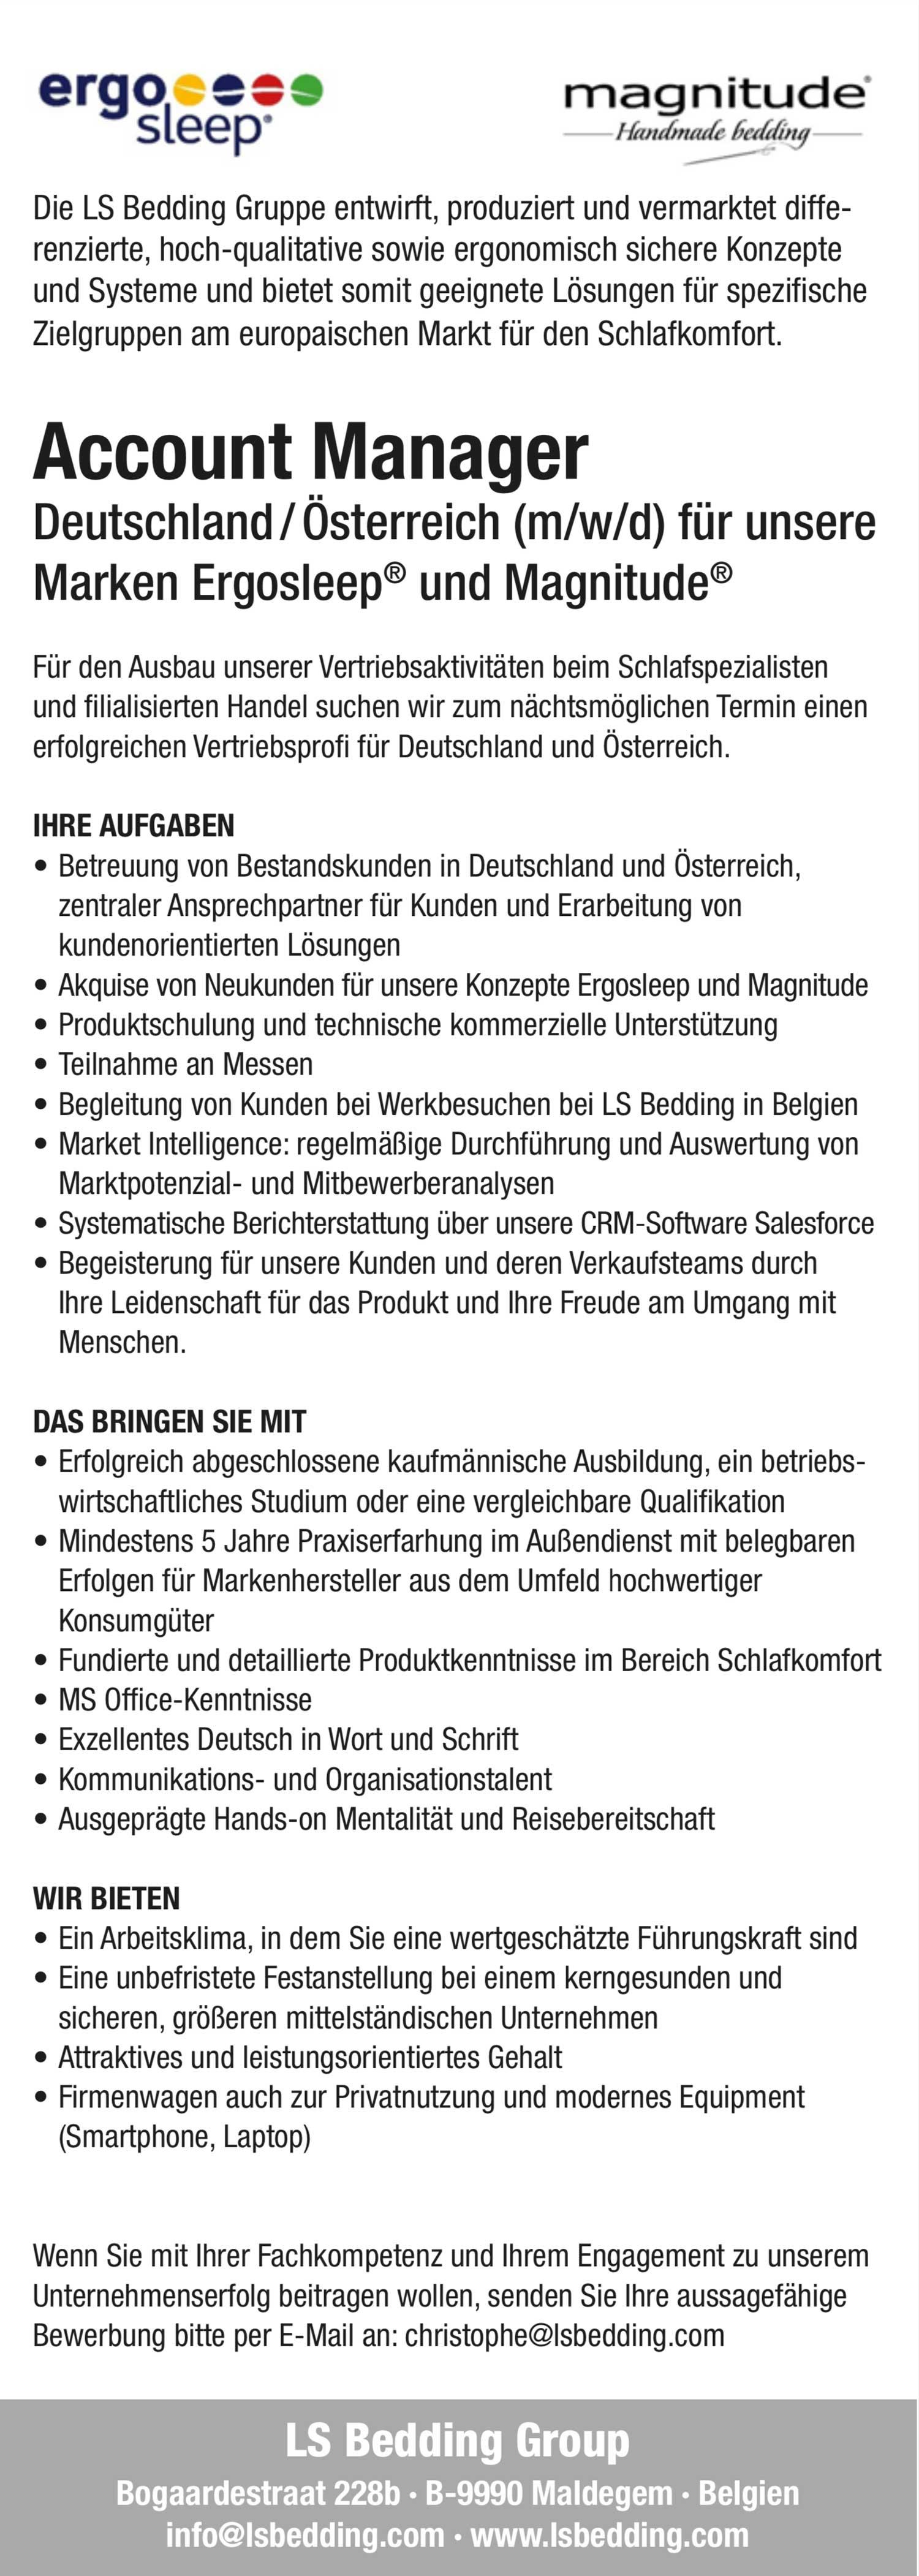 Account Manager Deutschland/Österreich (m/w/d) für Bett- und Schlafsysteme